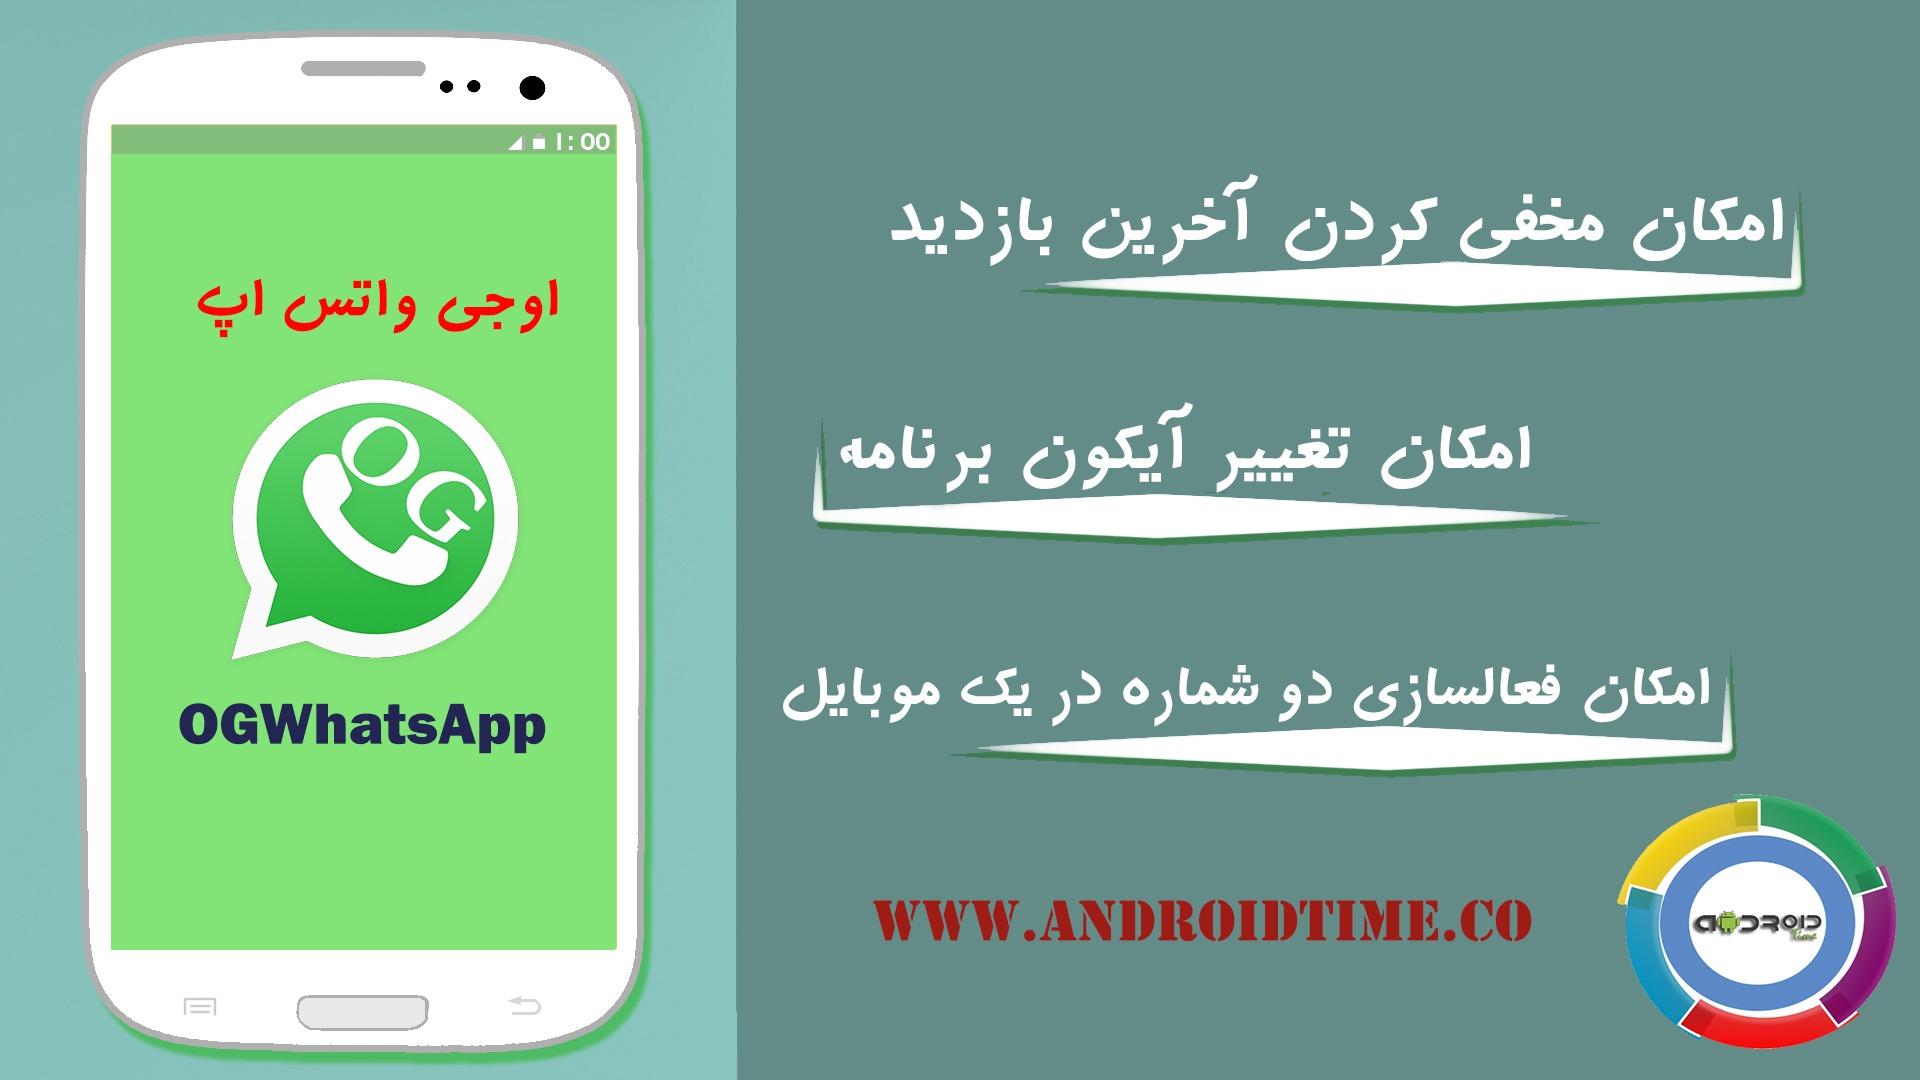 دانلود 8.86 OGWhatsApp او جی واتساپ فارسی برای اندروید